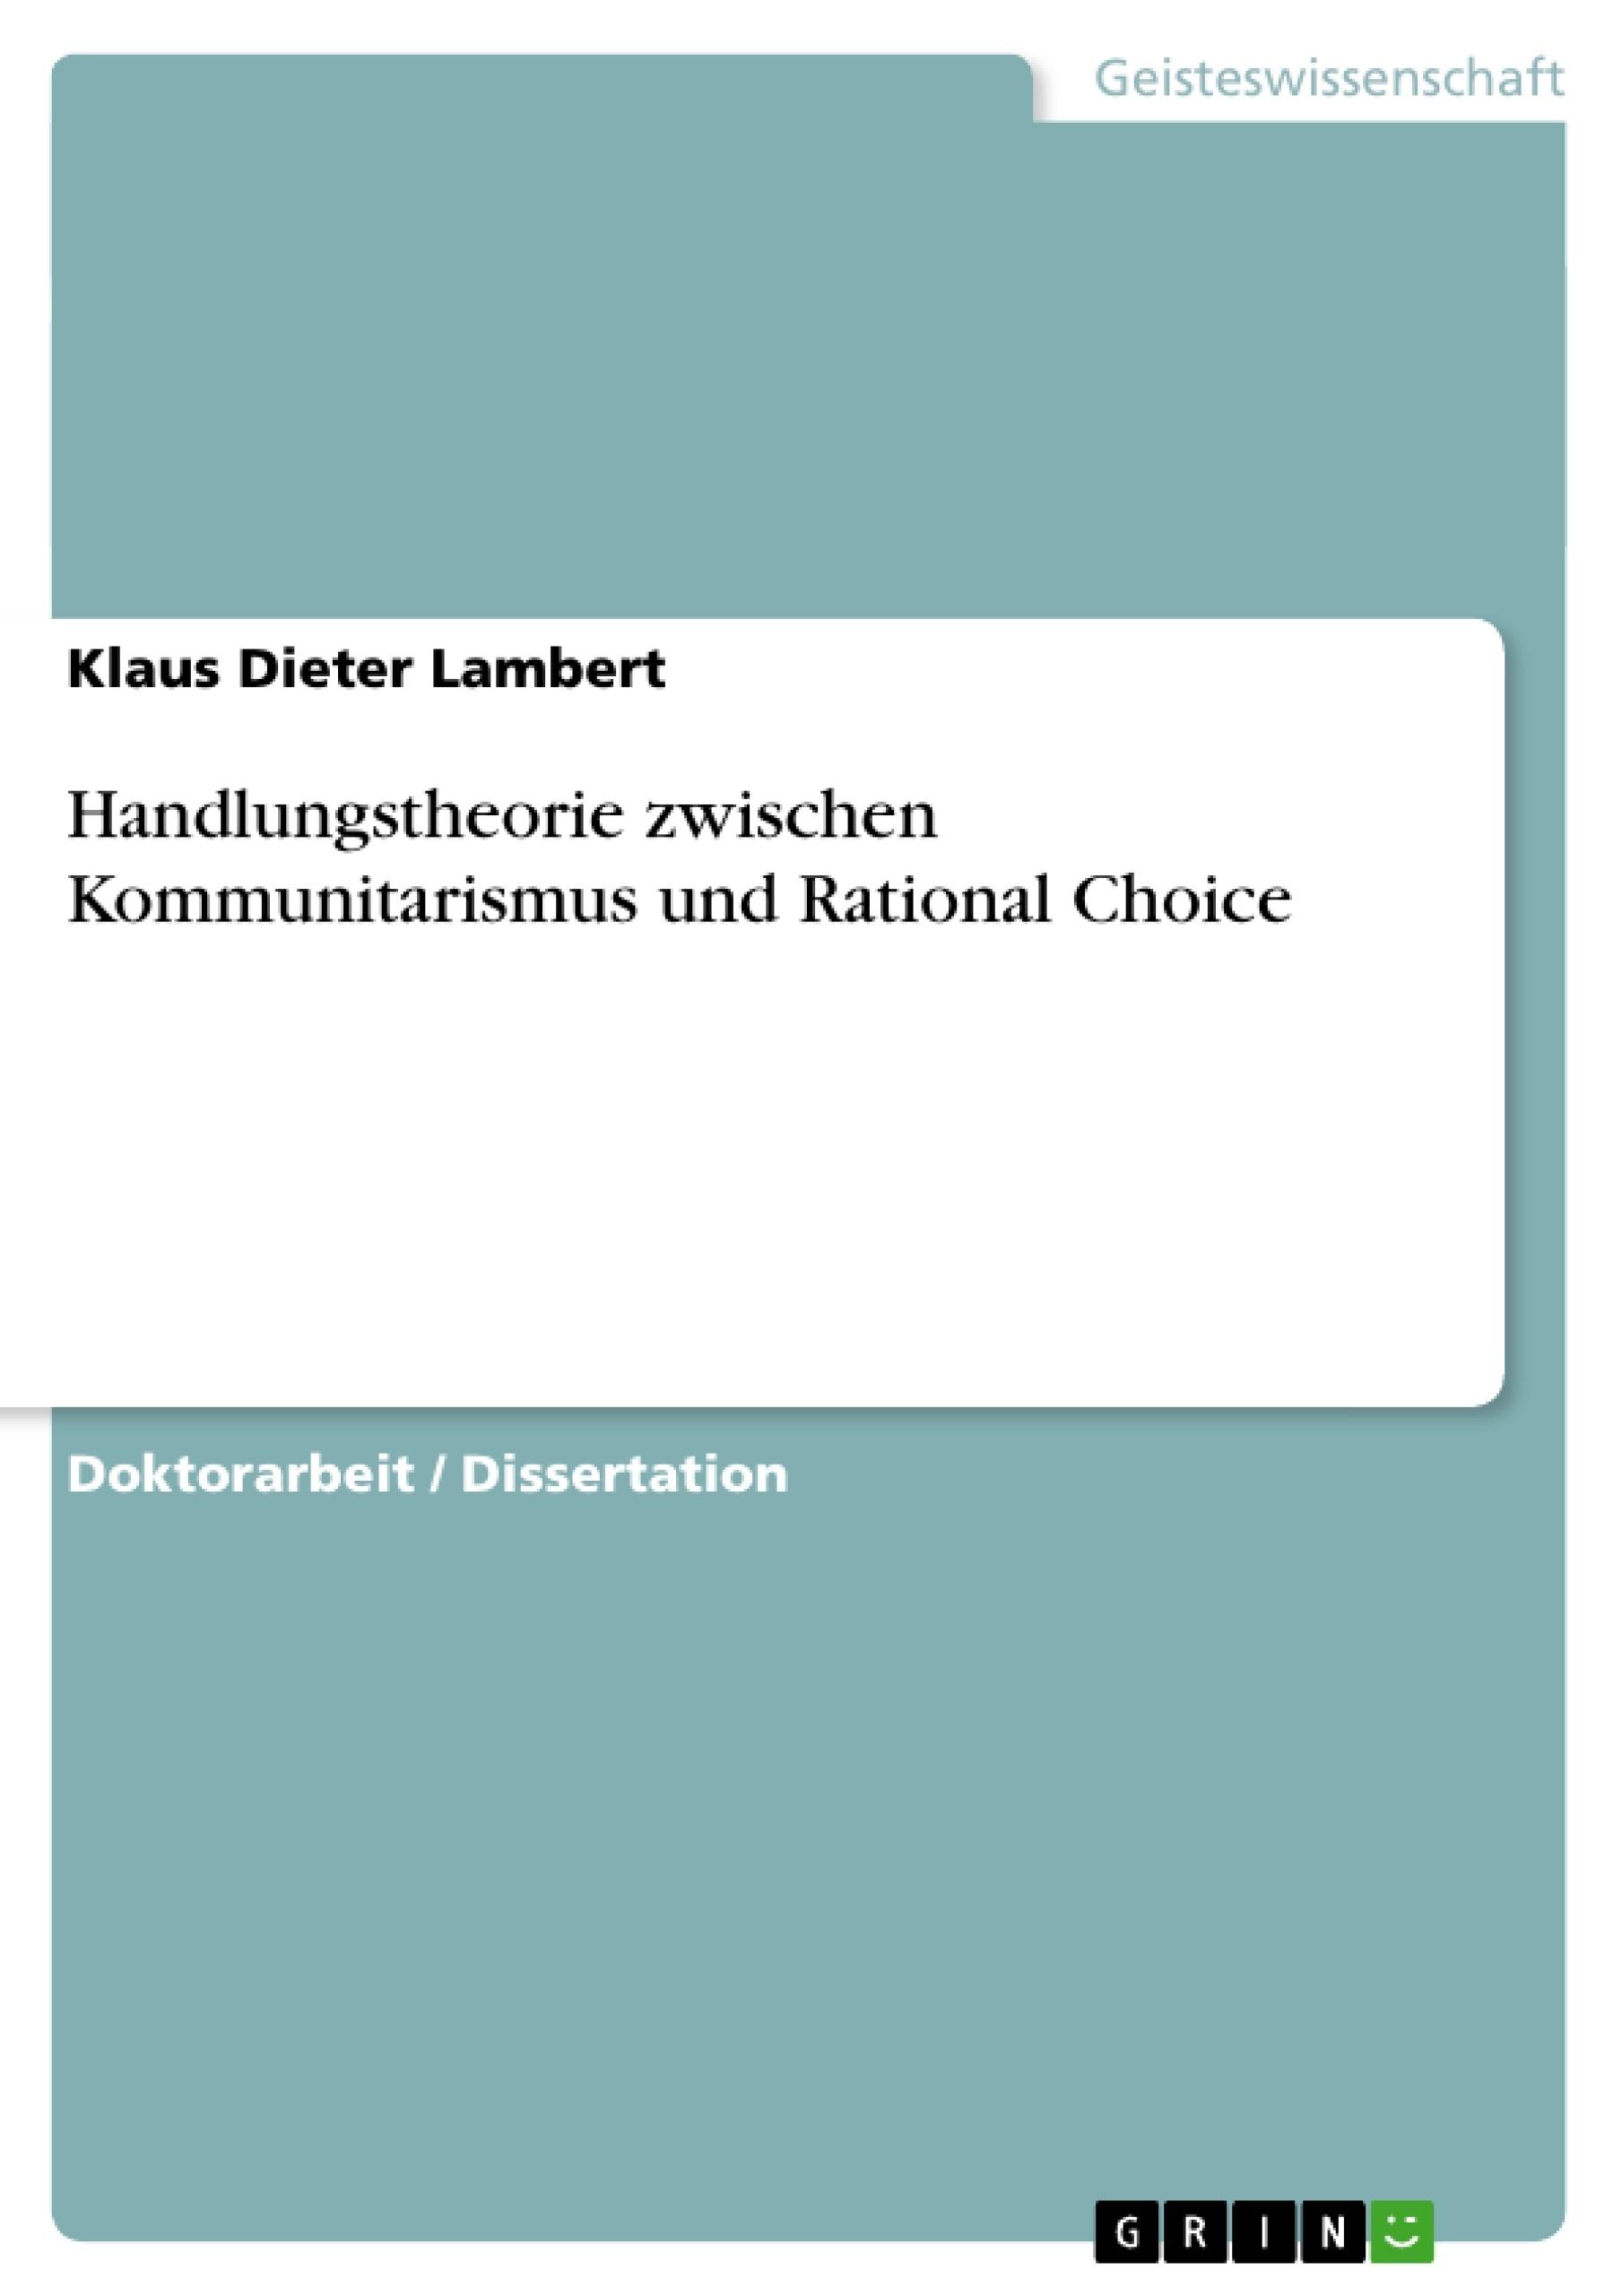 Titel: Handlungstheorie zwischen Kommunitarismus und Rational Choice